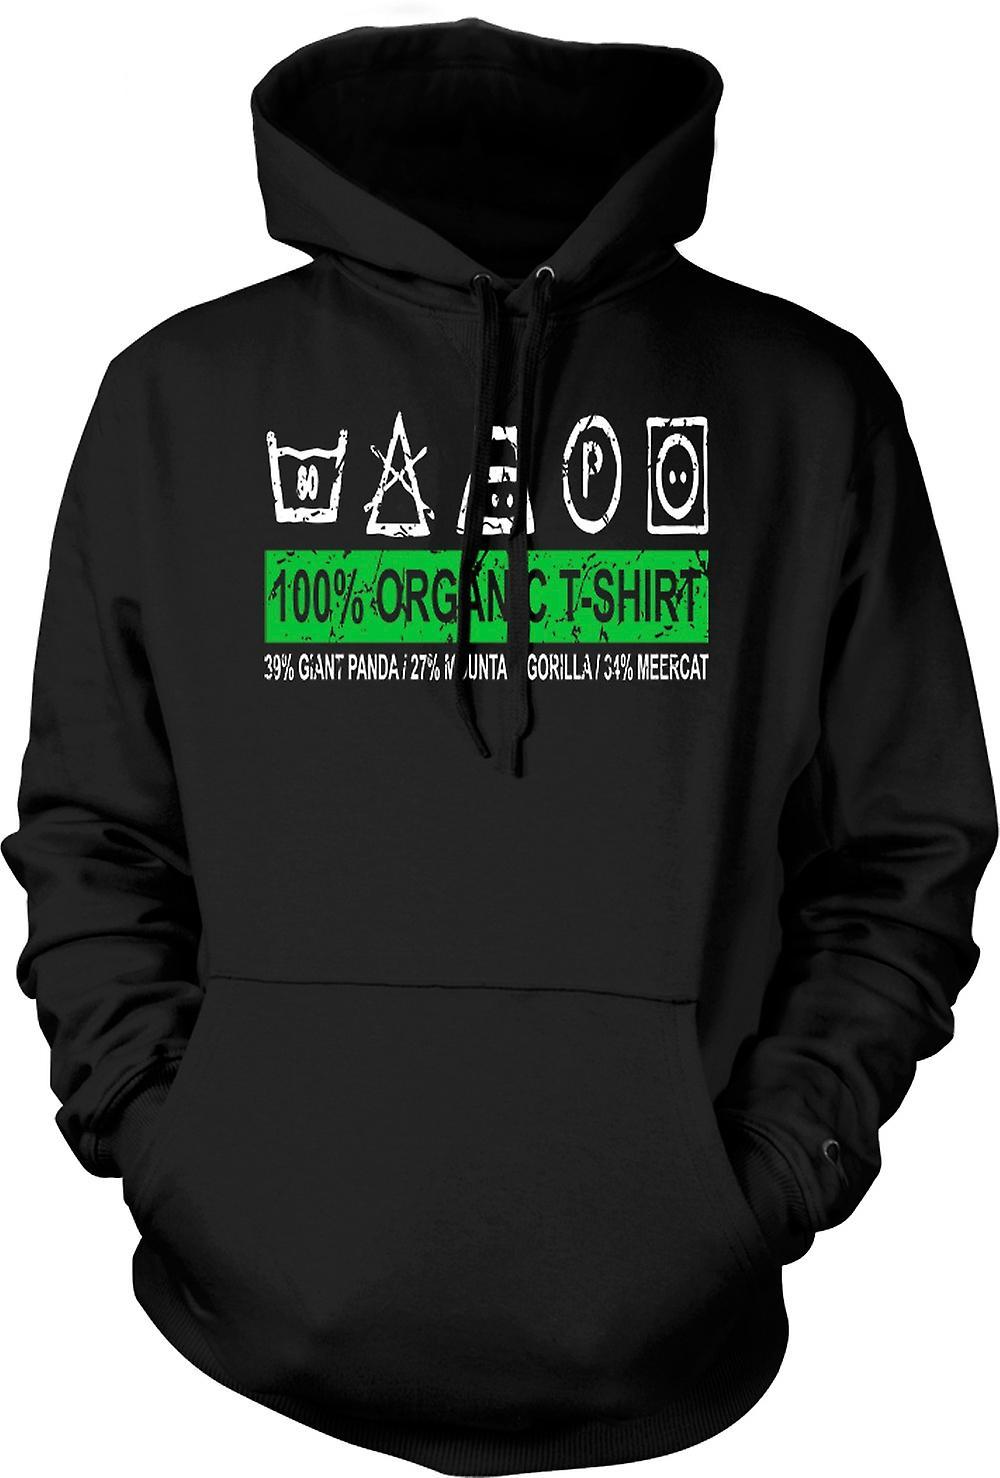 Mens Hoodie - 100% biologische T Shirt - 39% reuzenpanda